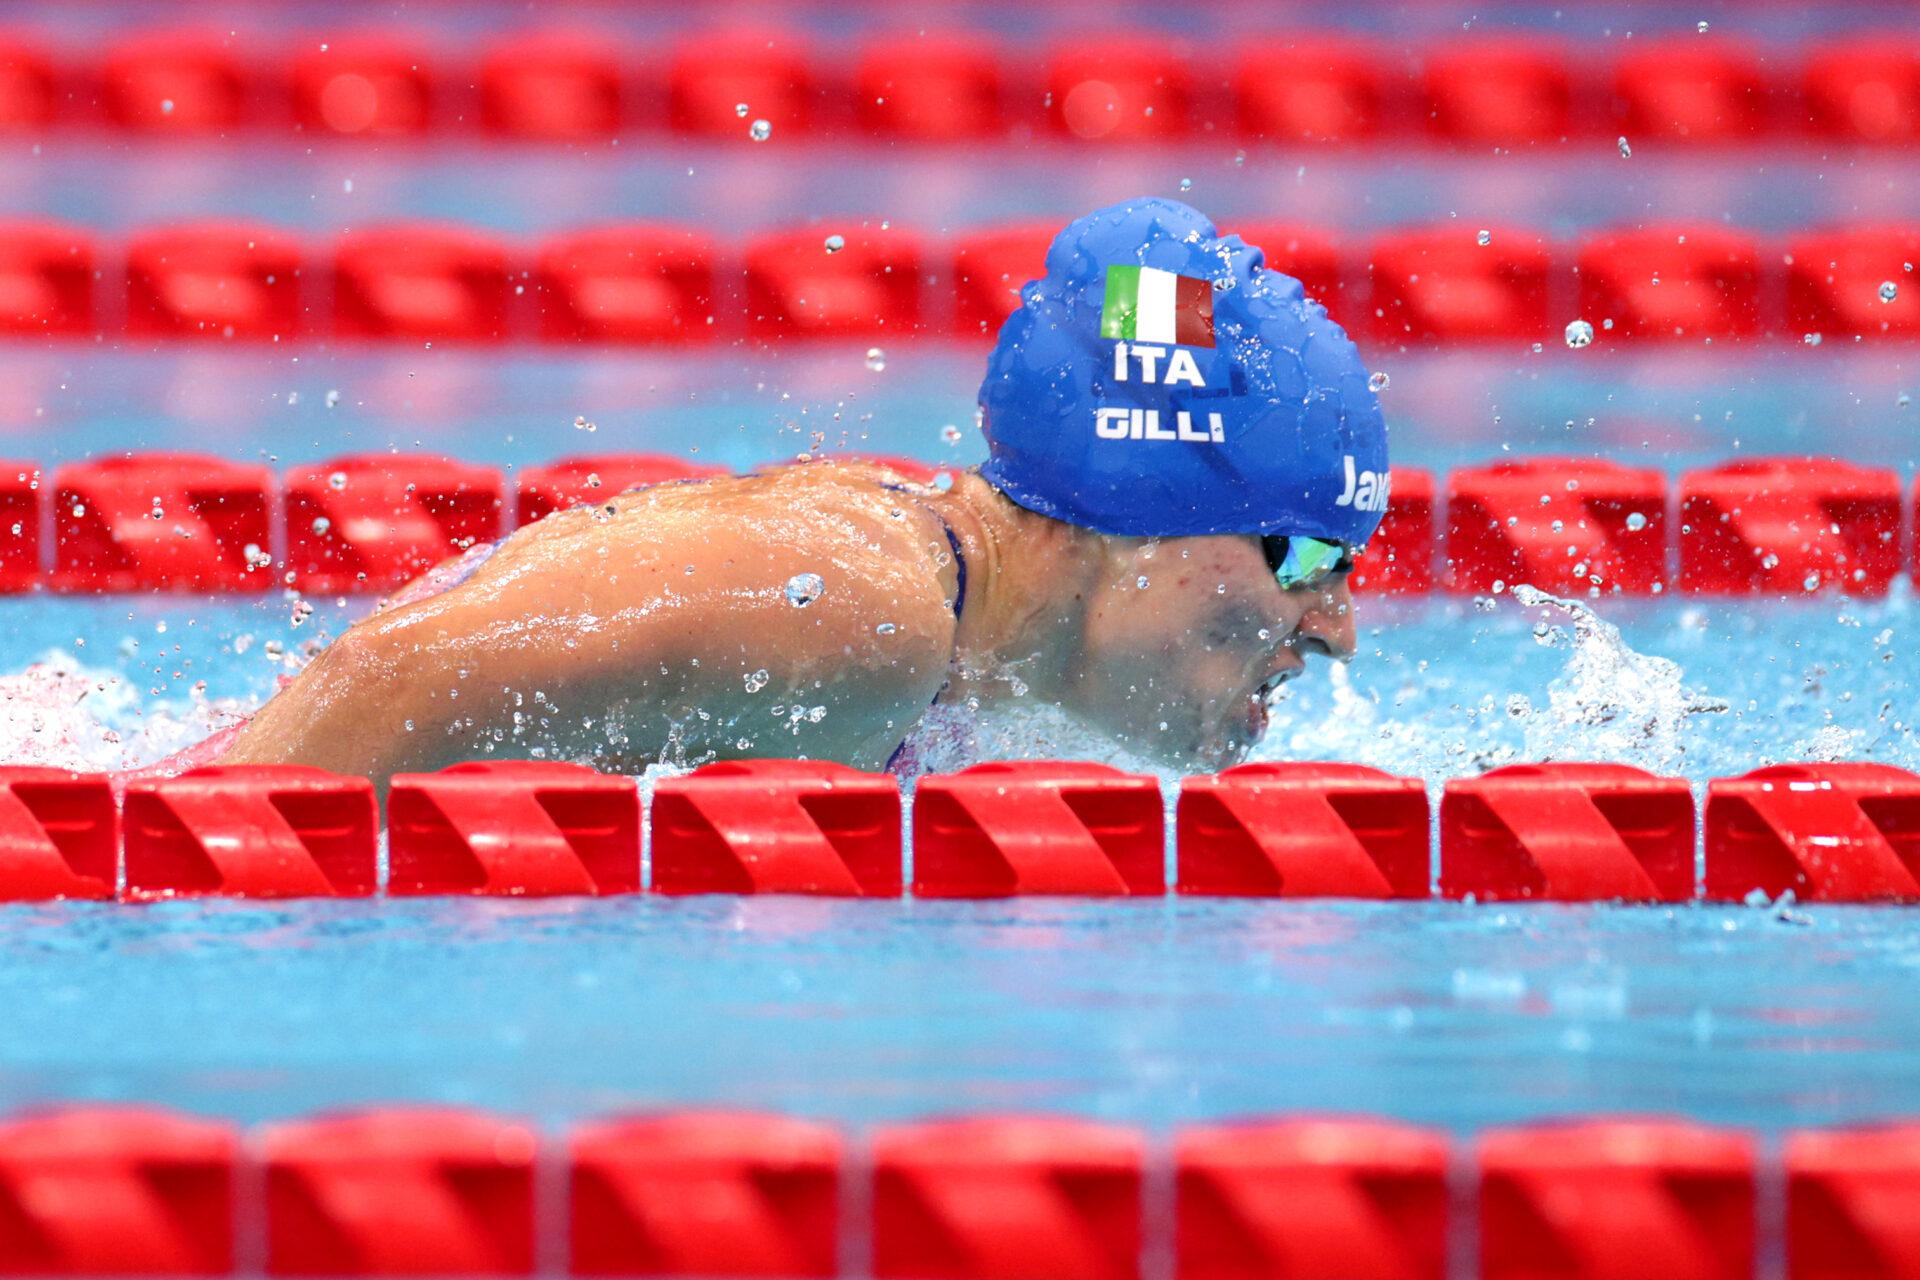 Paralimpiadi, Carlotta Gilli